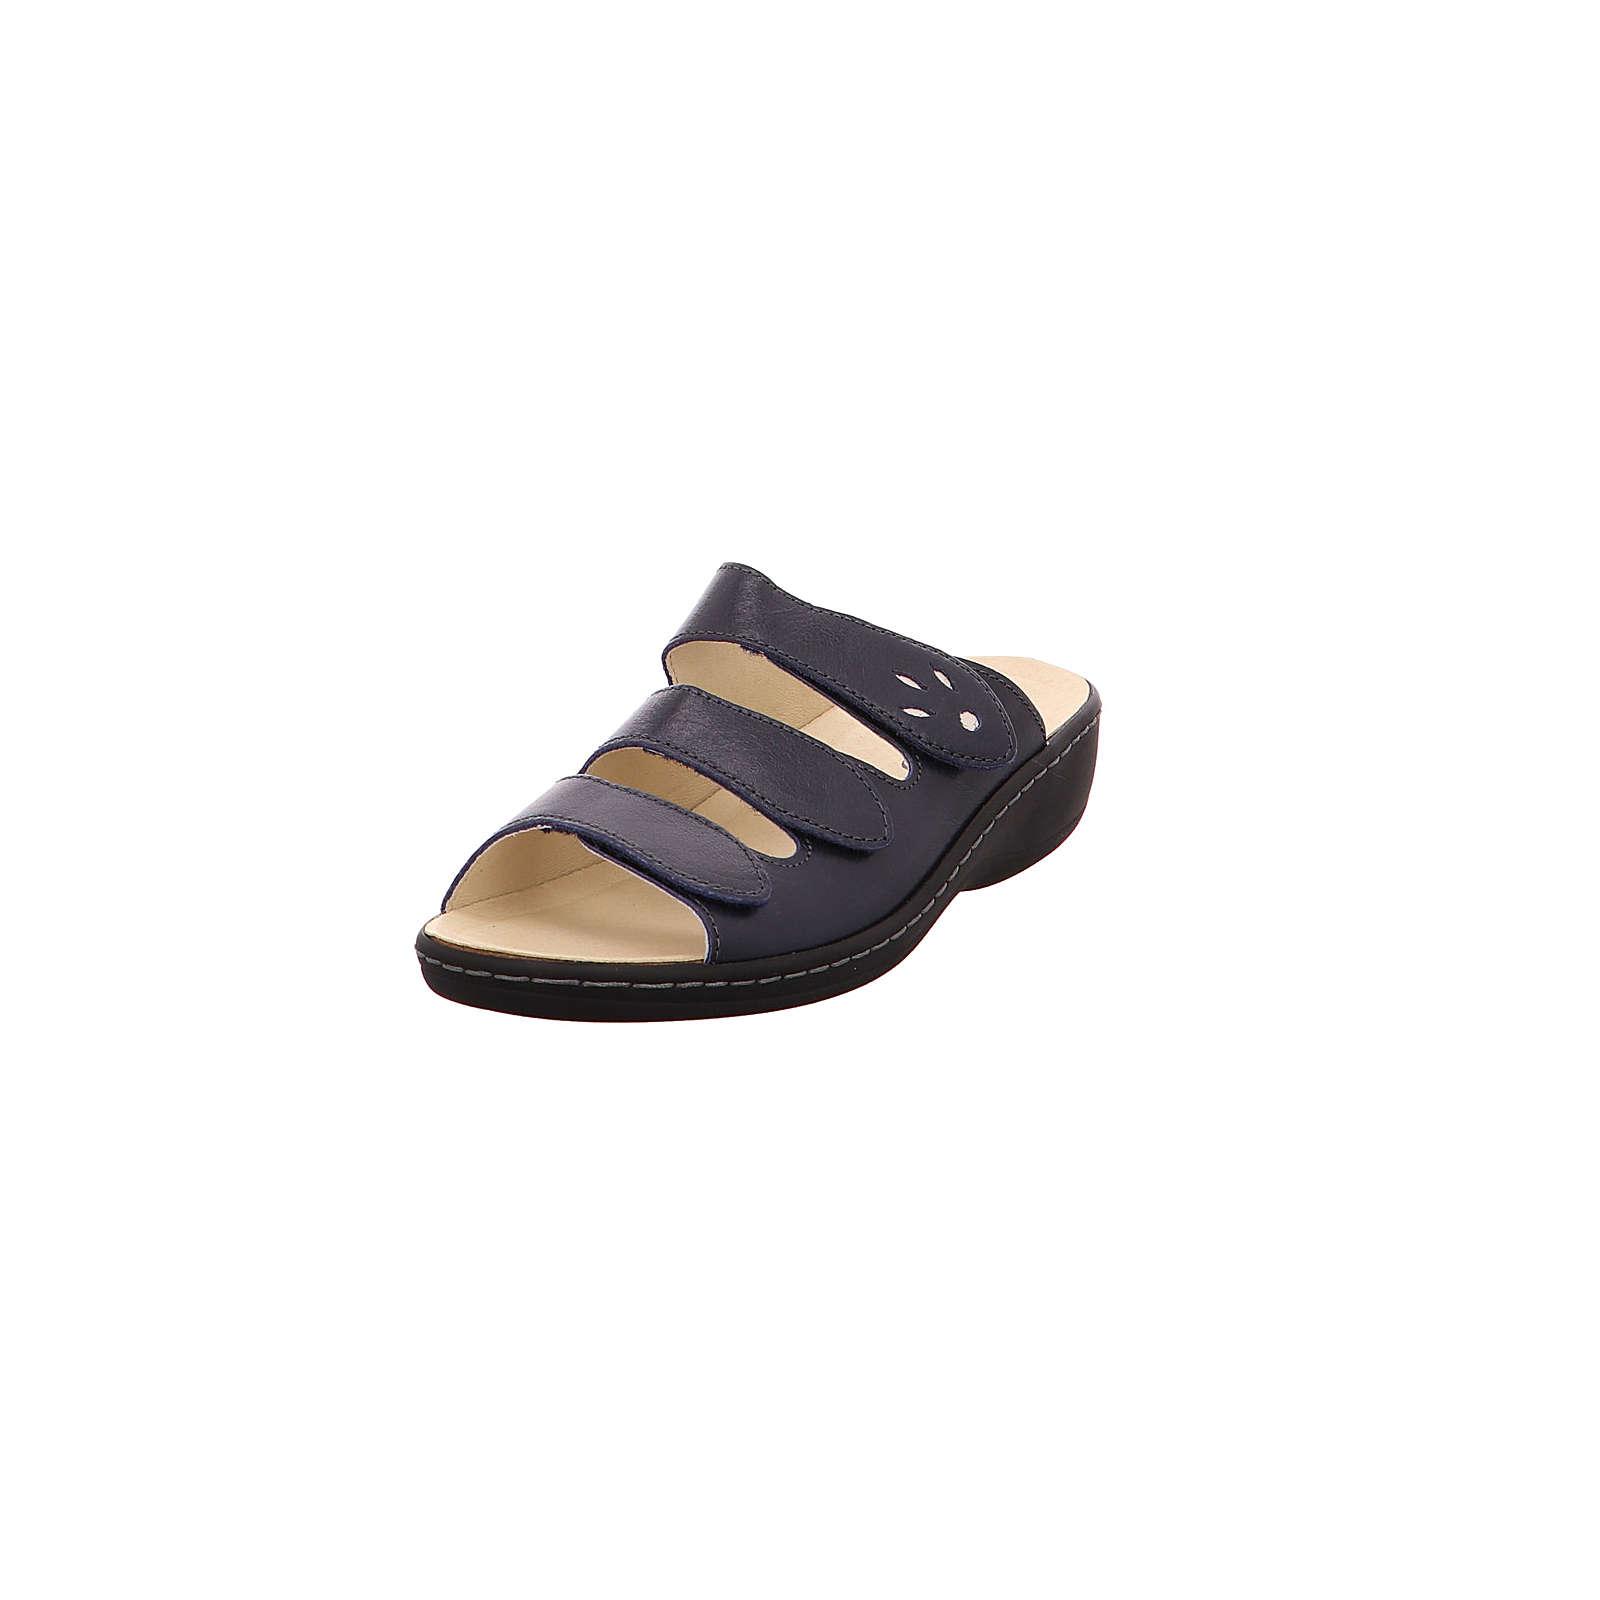 Longo 1006395 Komfort-Pantoletten blau Damen Gr. 38